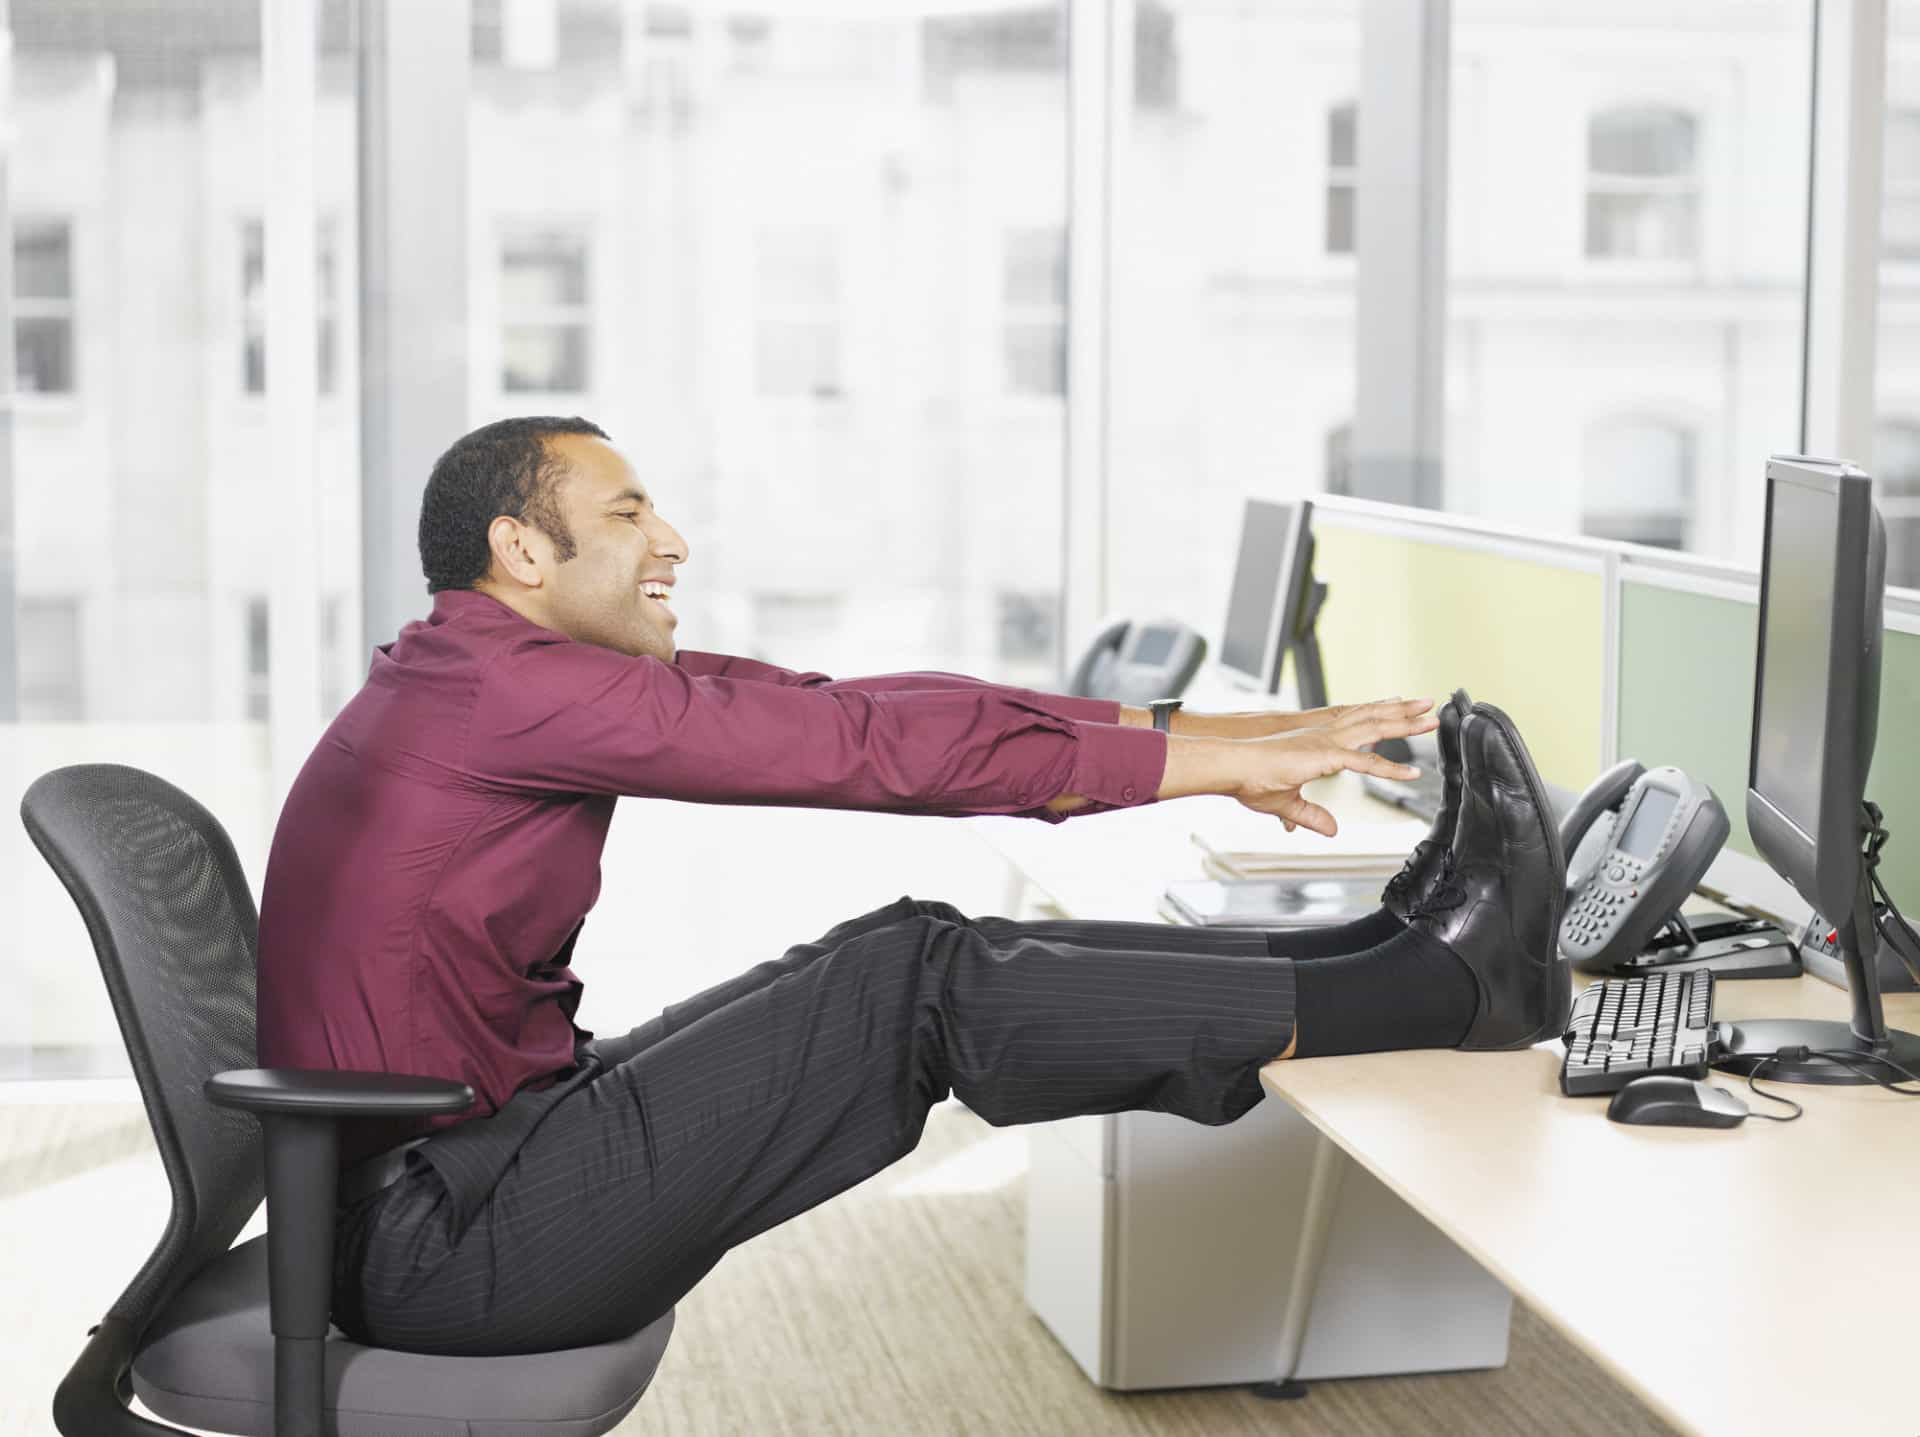 Saiba como pode integrar o exercício físico no trabalho